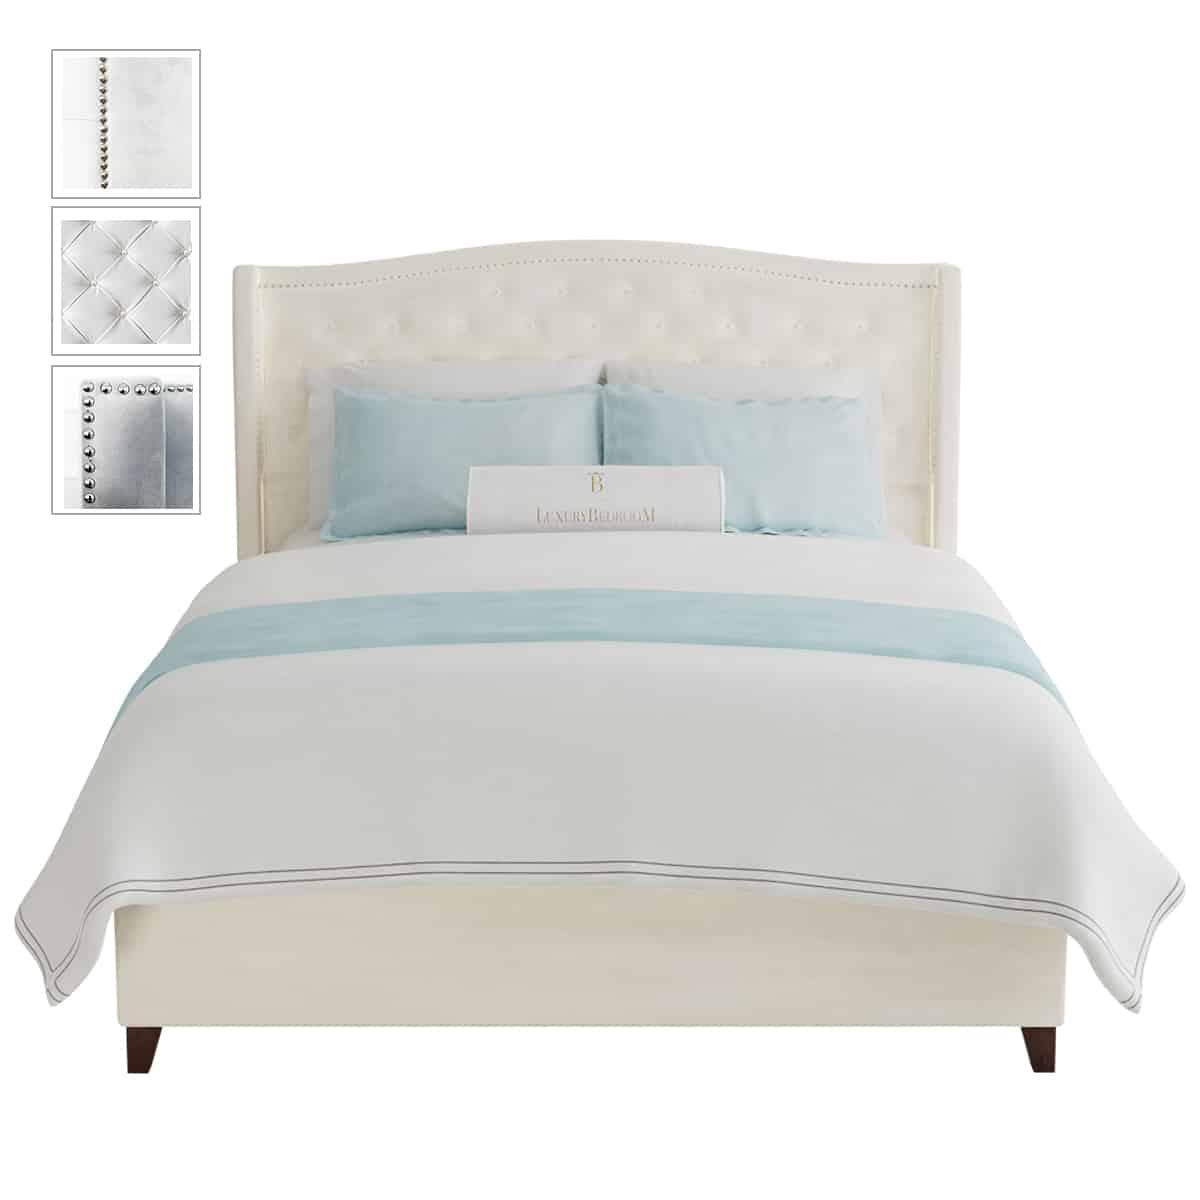 łóżko z miękkim zagłówkiem